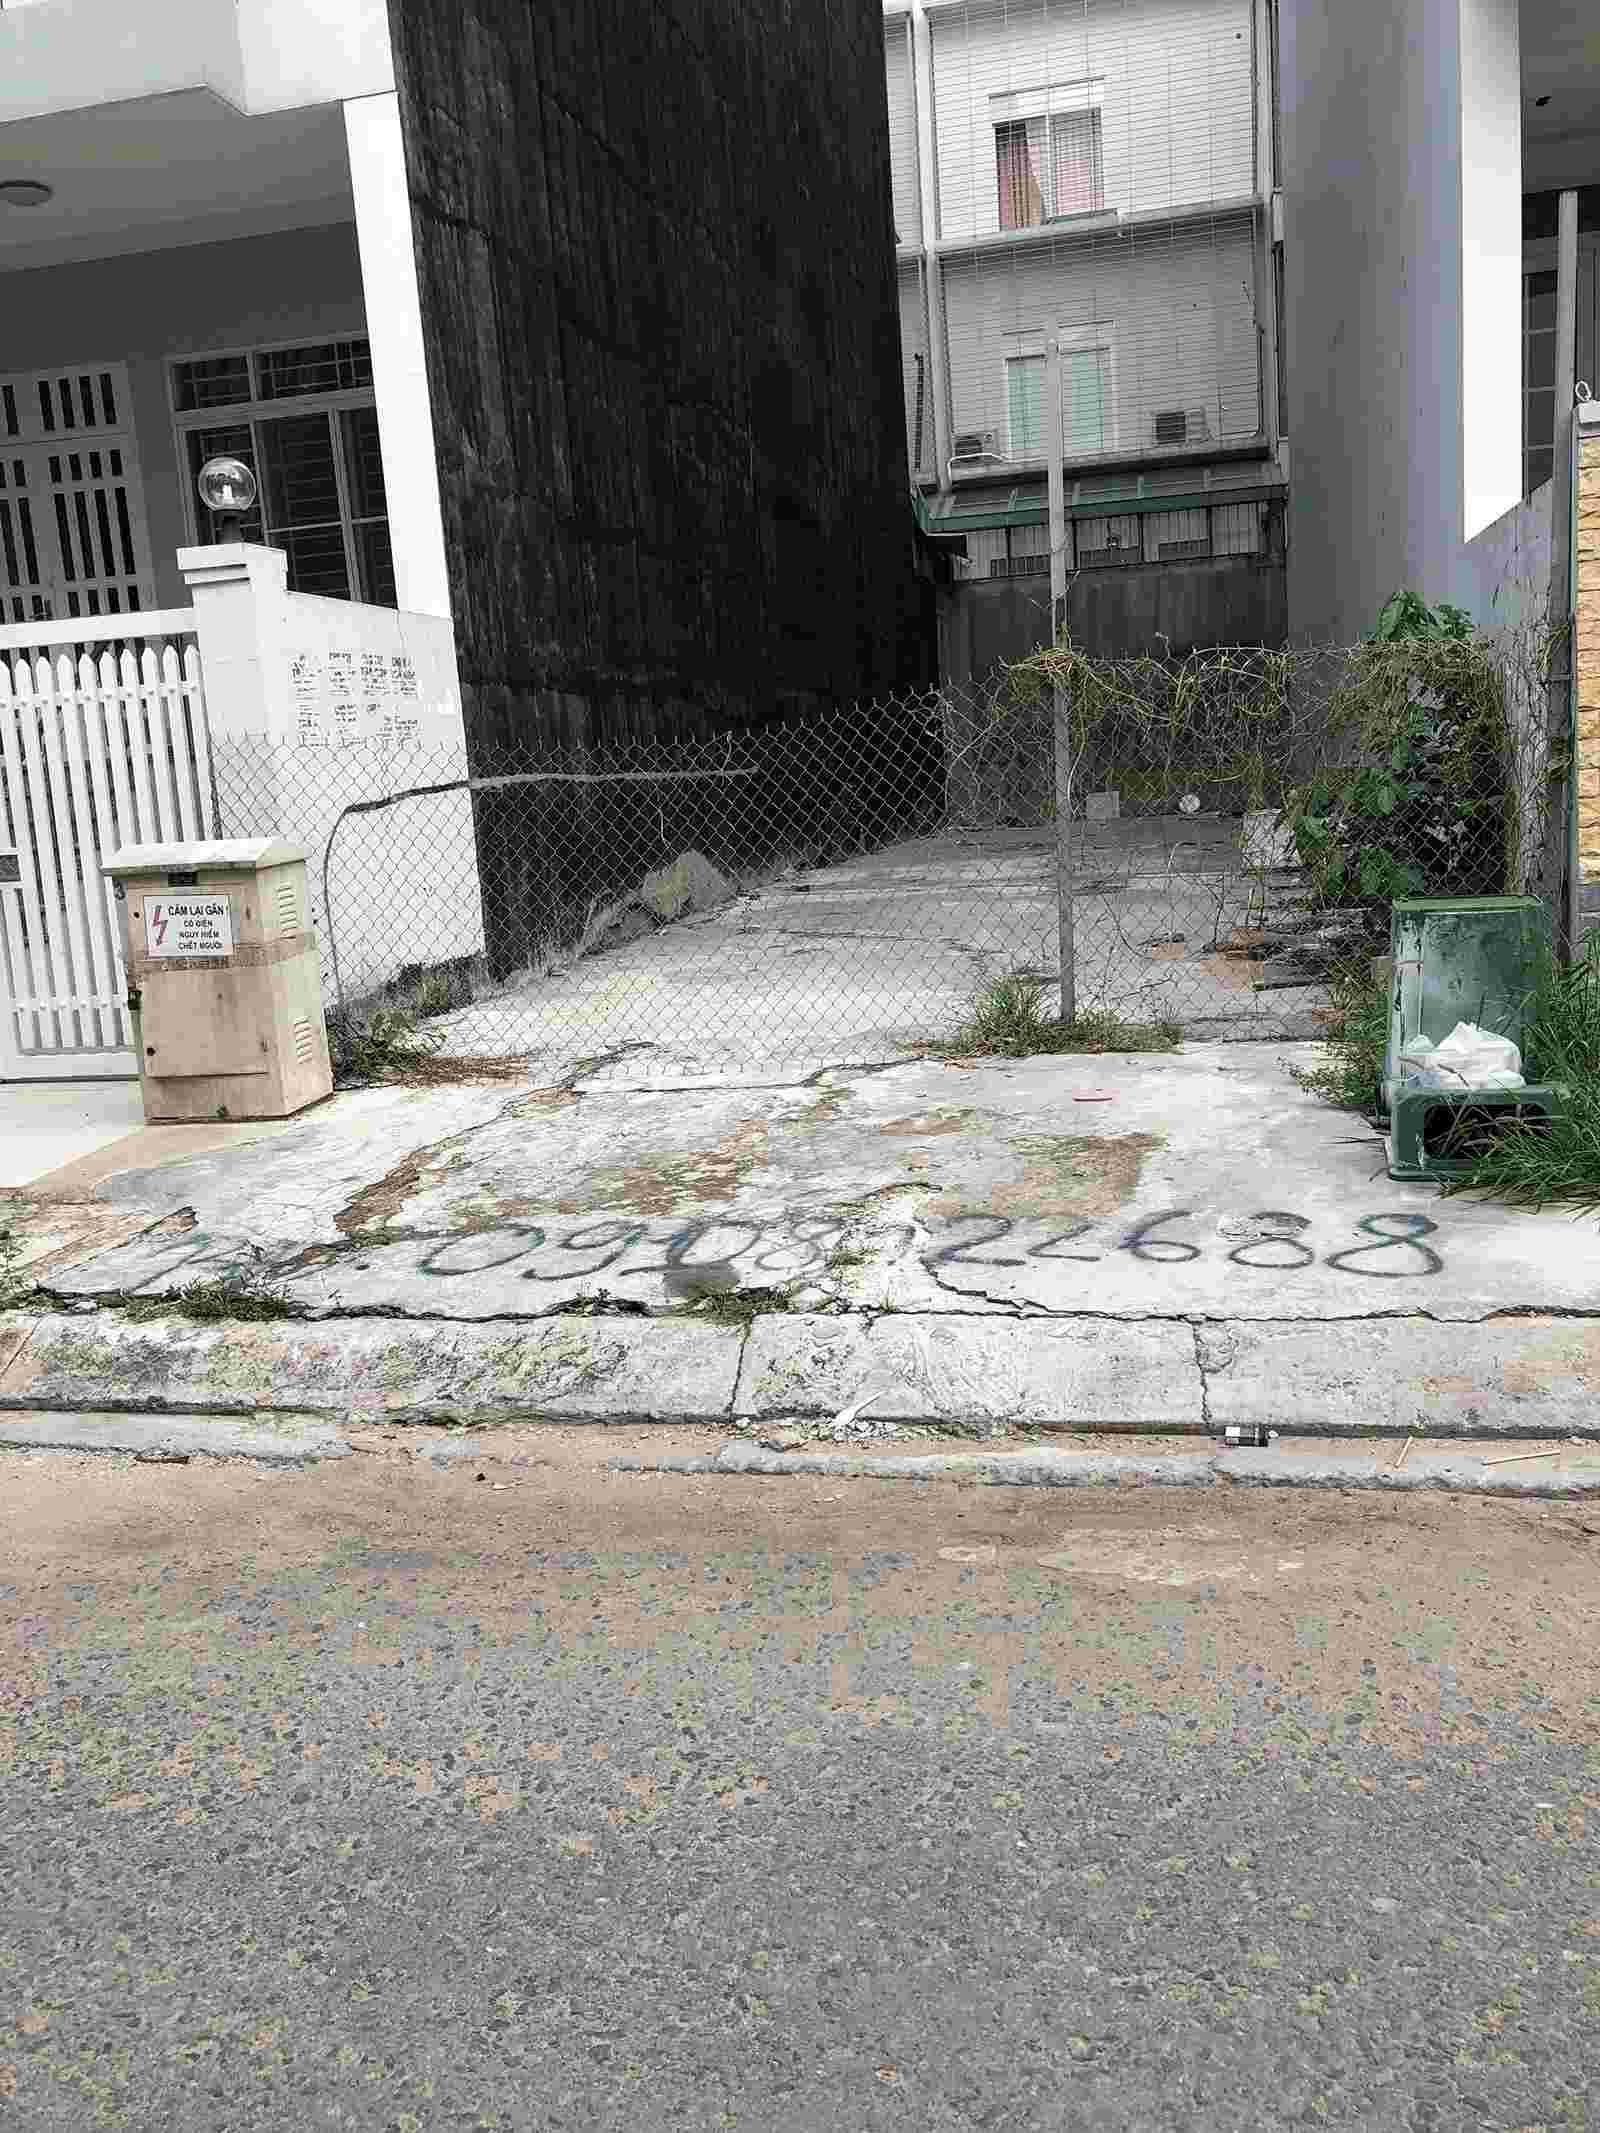 Bán nền đất nhà phố Him Lam Kênh Tẻ giá rẻ nhất thị trường 13 tỷ, mặt tiền đường số 3. LH: 0913.050.053   Mr Huynh.